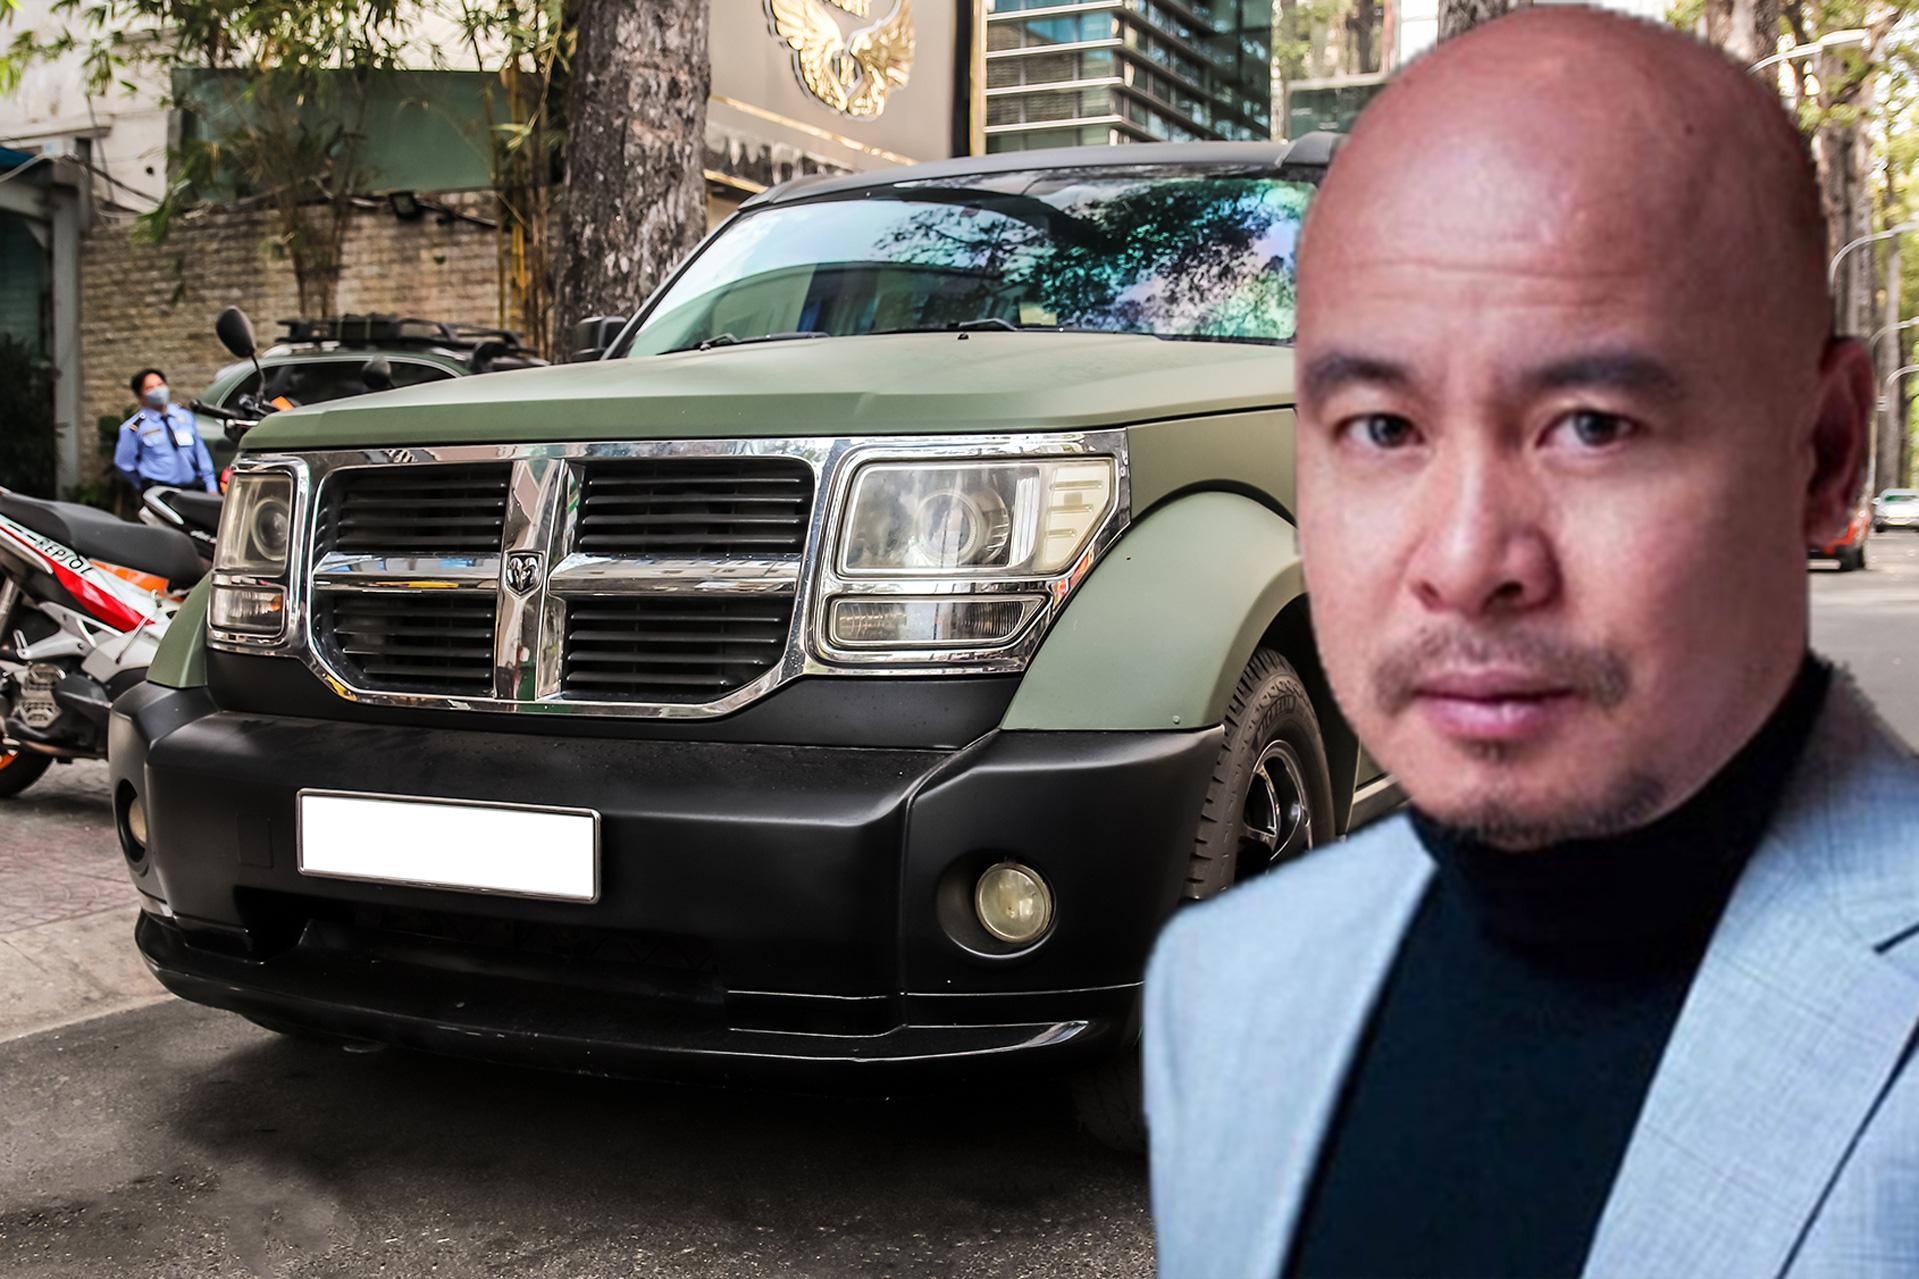 SUV địa hình Dodge 'hàng độc' của ông Đặng Lê Nguyên Vũ bất ngờ xuất hiện trên phố Sài Gòn